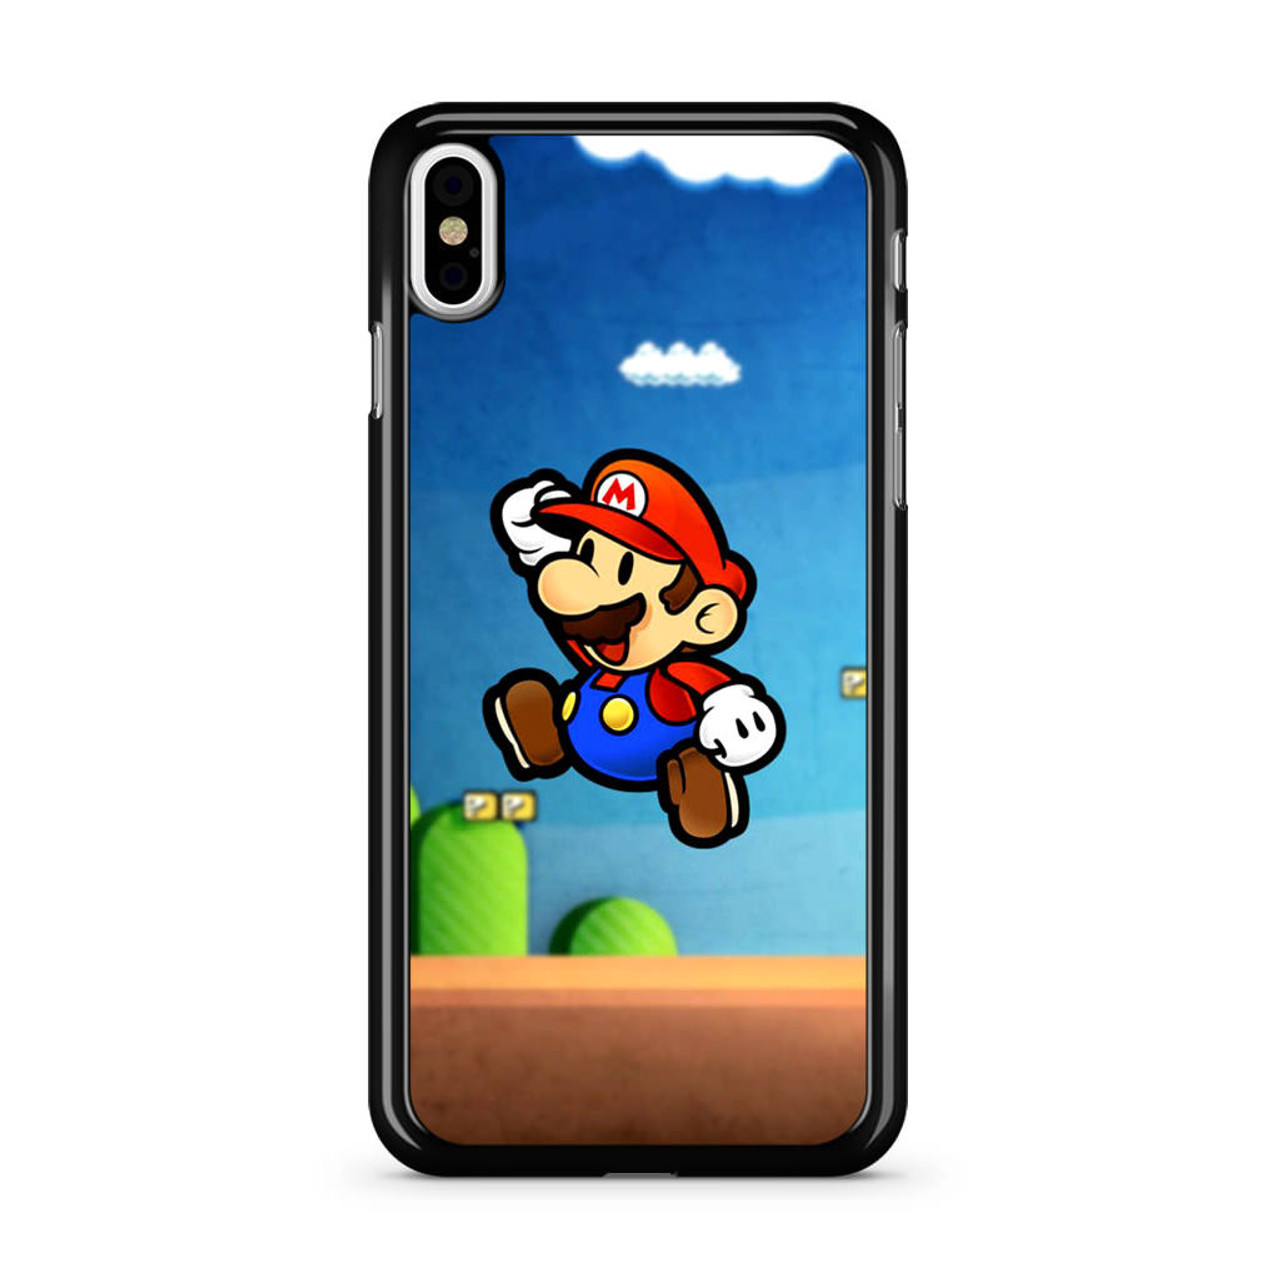 iphone xs max case mario